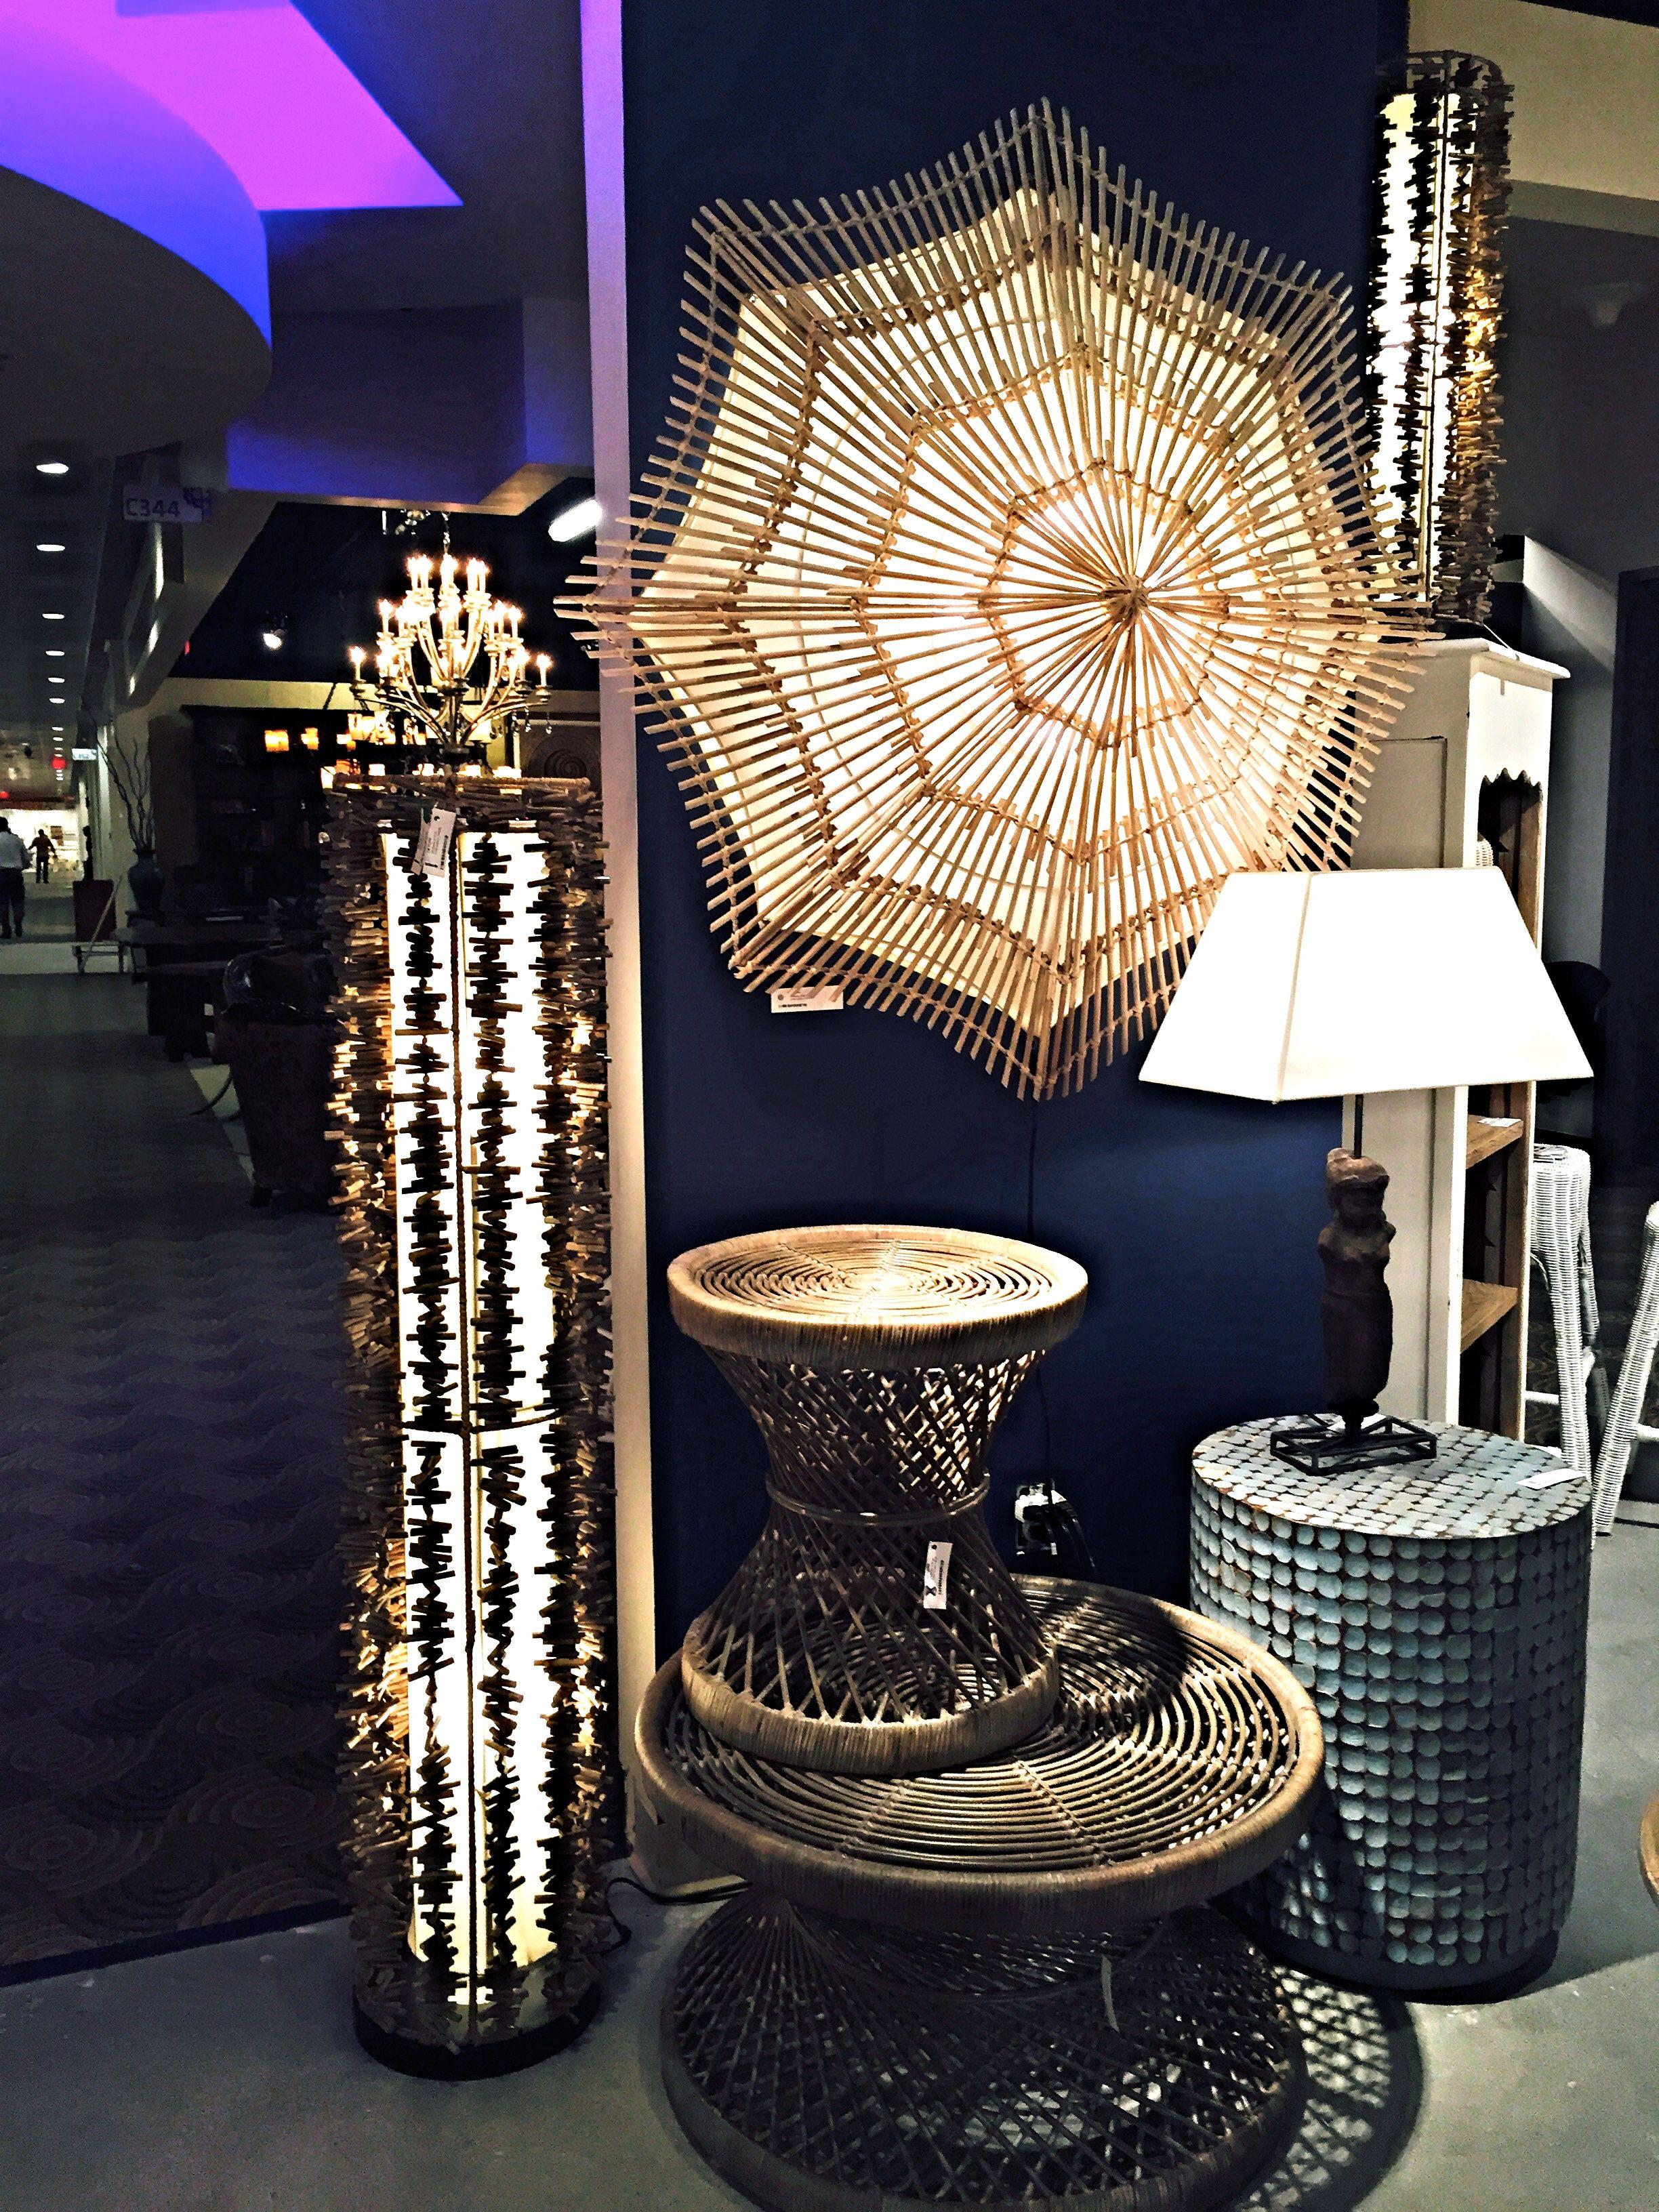 Pin By Jeffan On Jeffan Showrooms Ceiling Lights Light